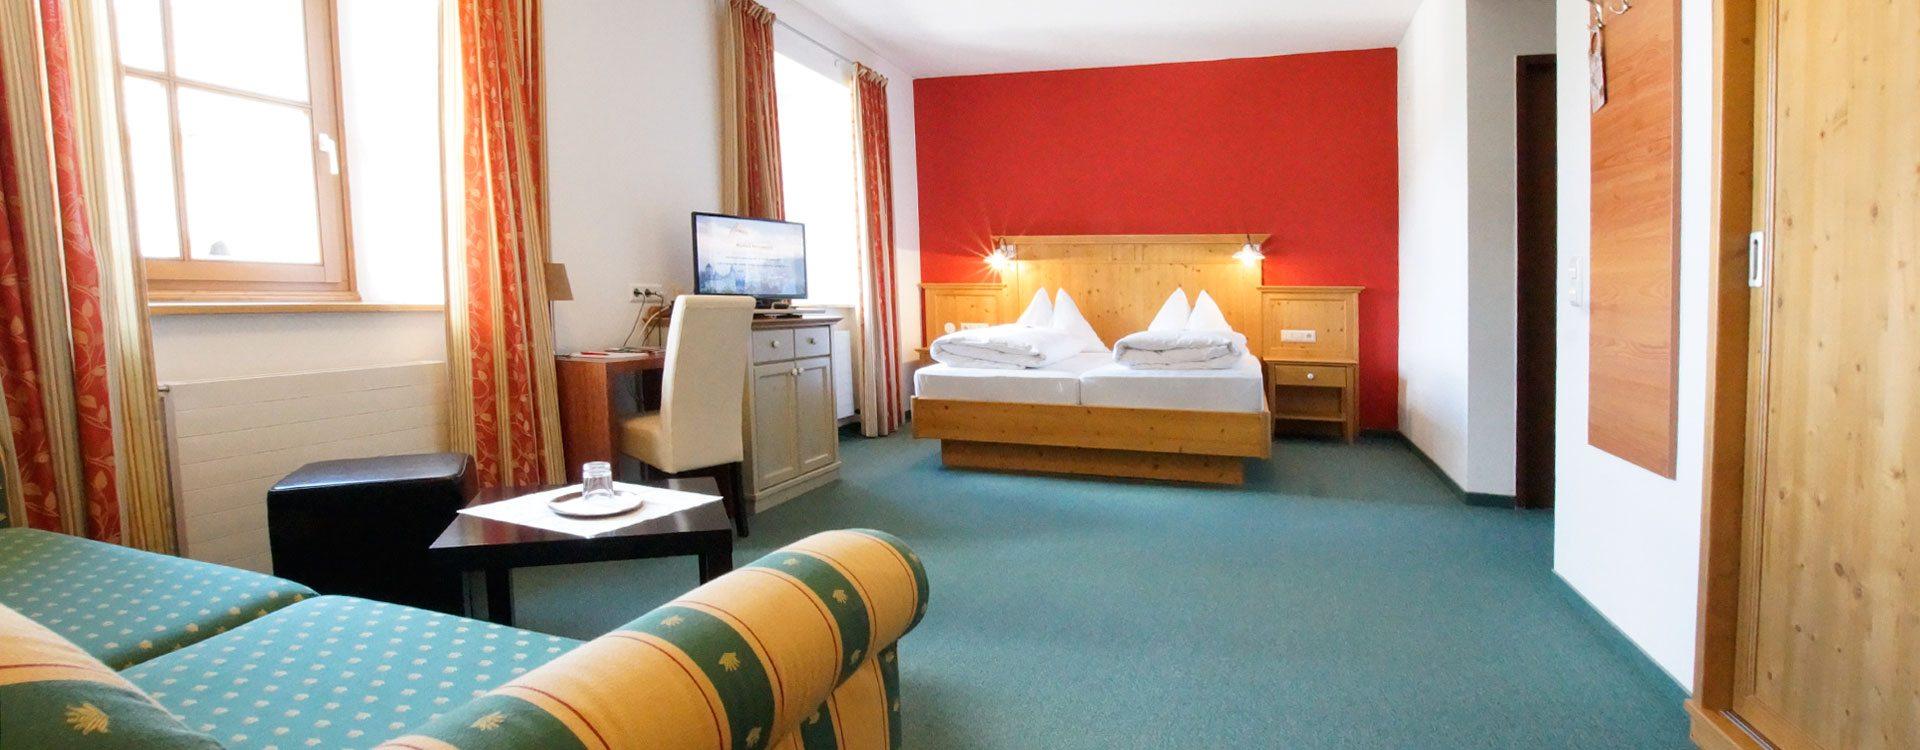 Familiensuite 8 – Zimmer in Mauterndorf, Lungau - 3 Sterne Hotel Neuwirt